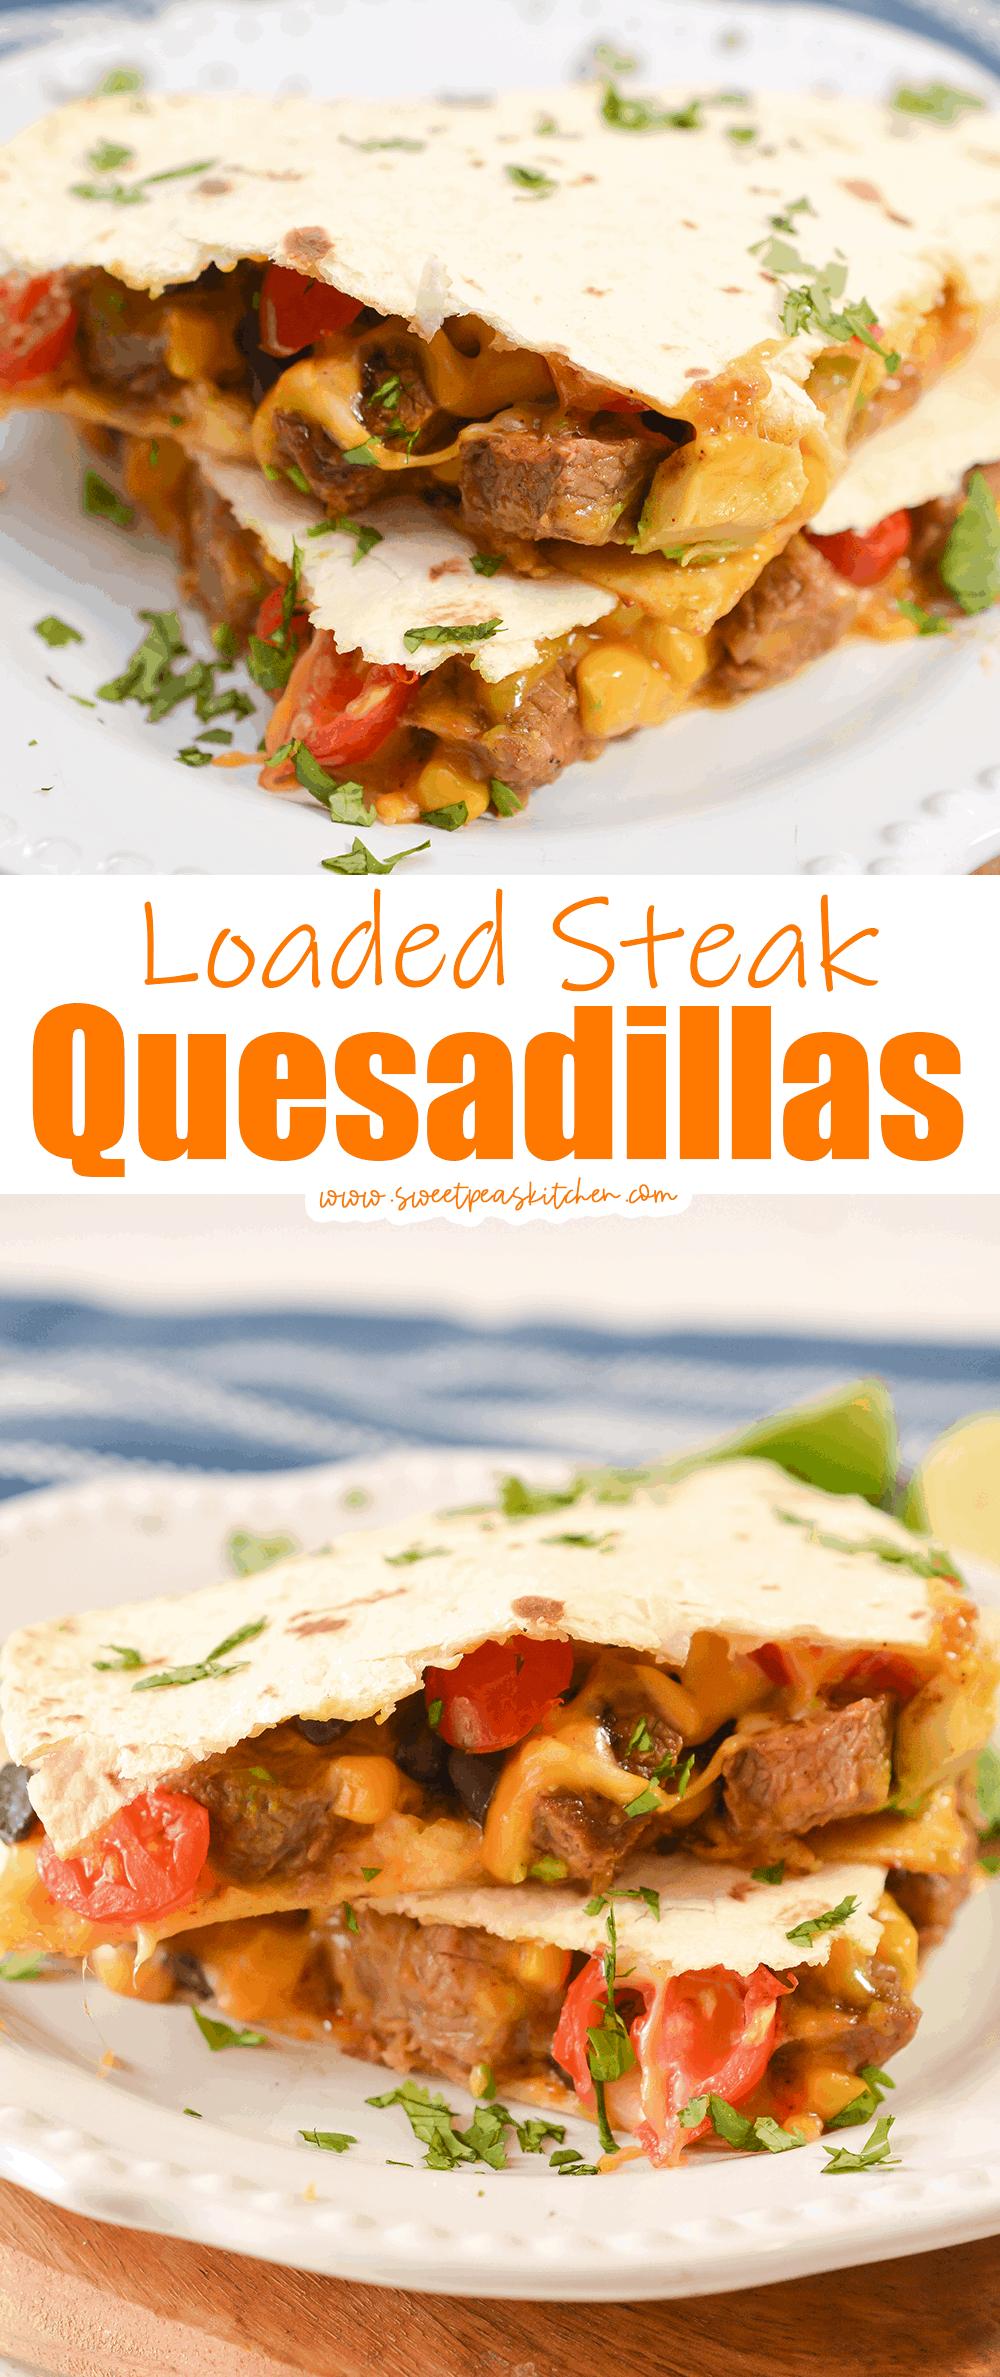 Loaded Steak Quesadillas